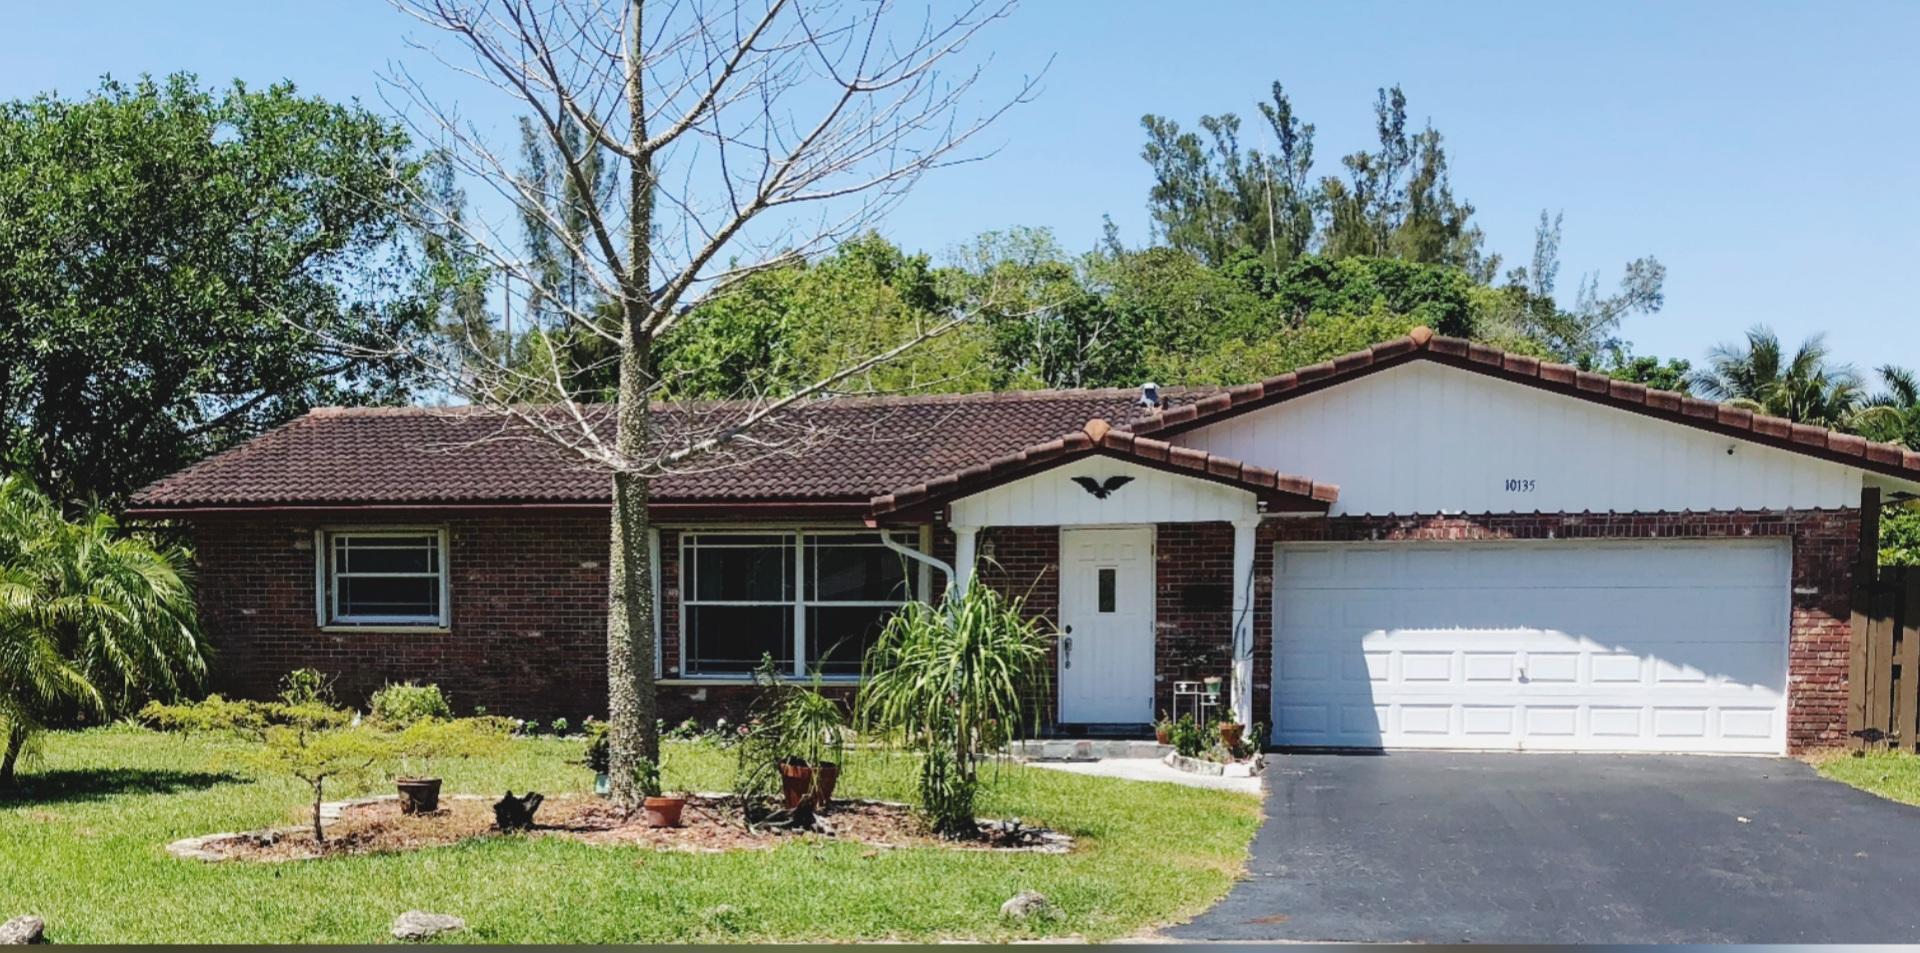 Home for sale in Deer Run Springs Coral Springs Florida